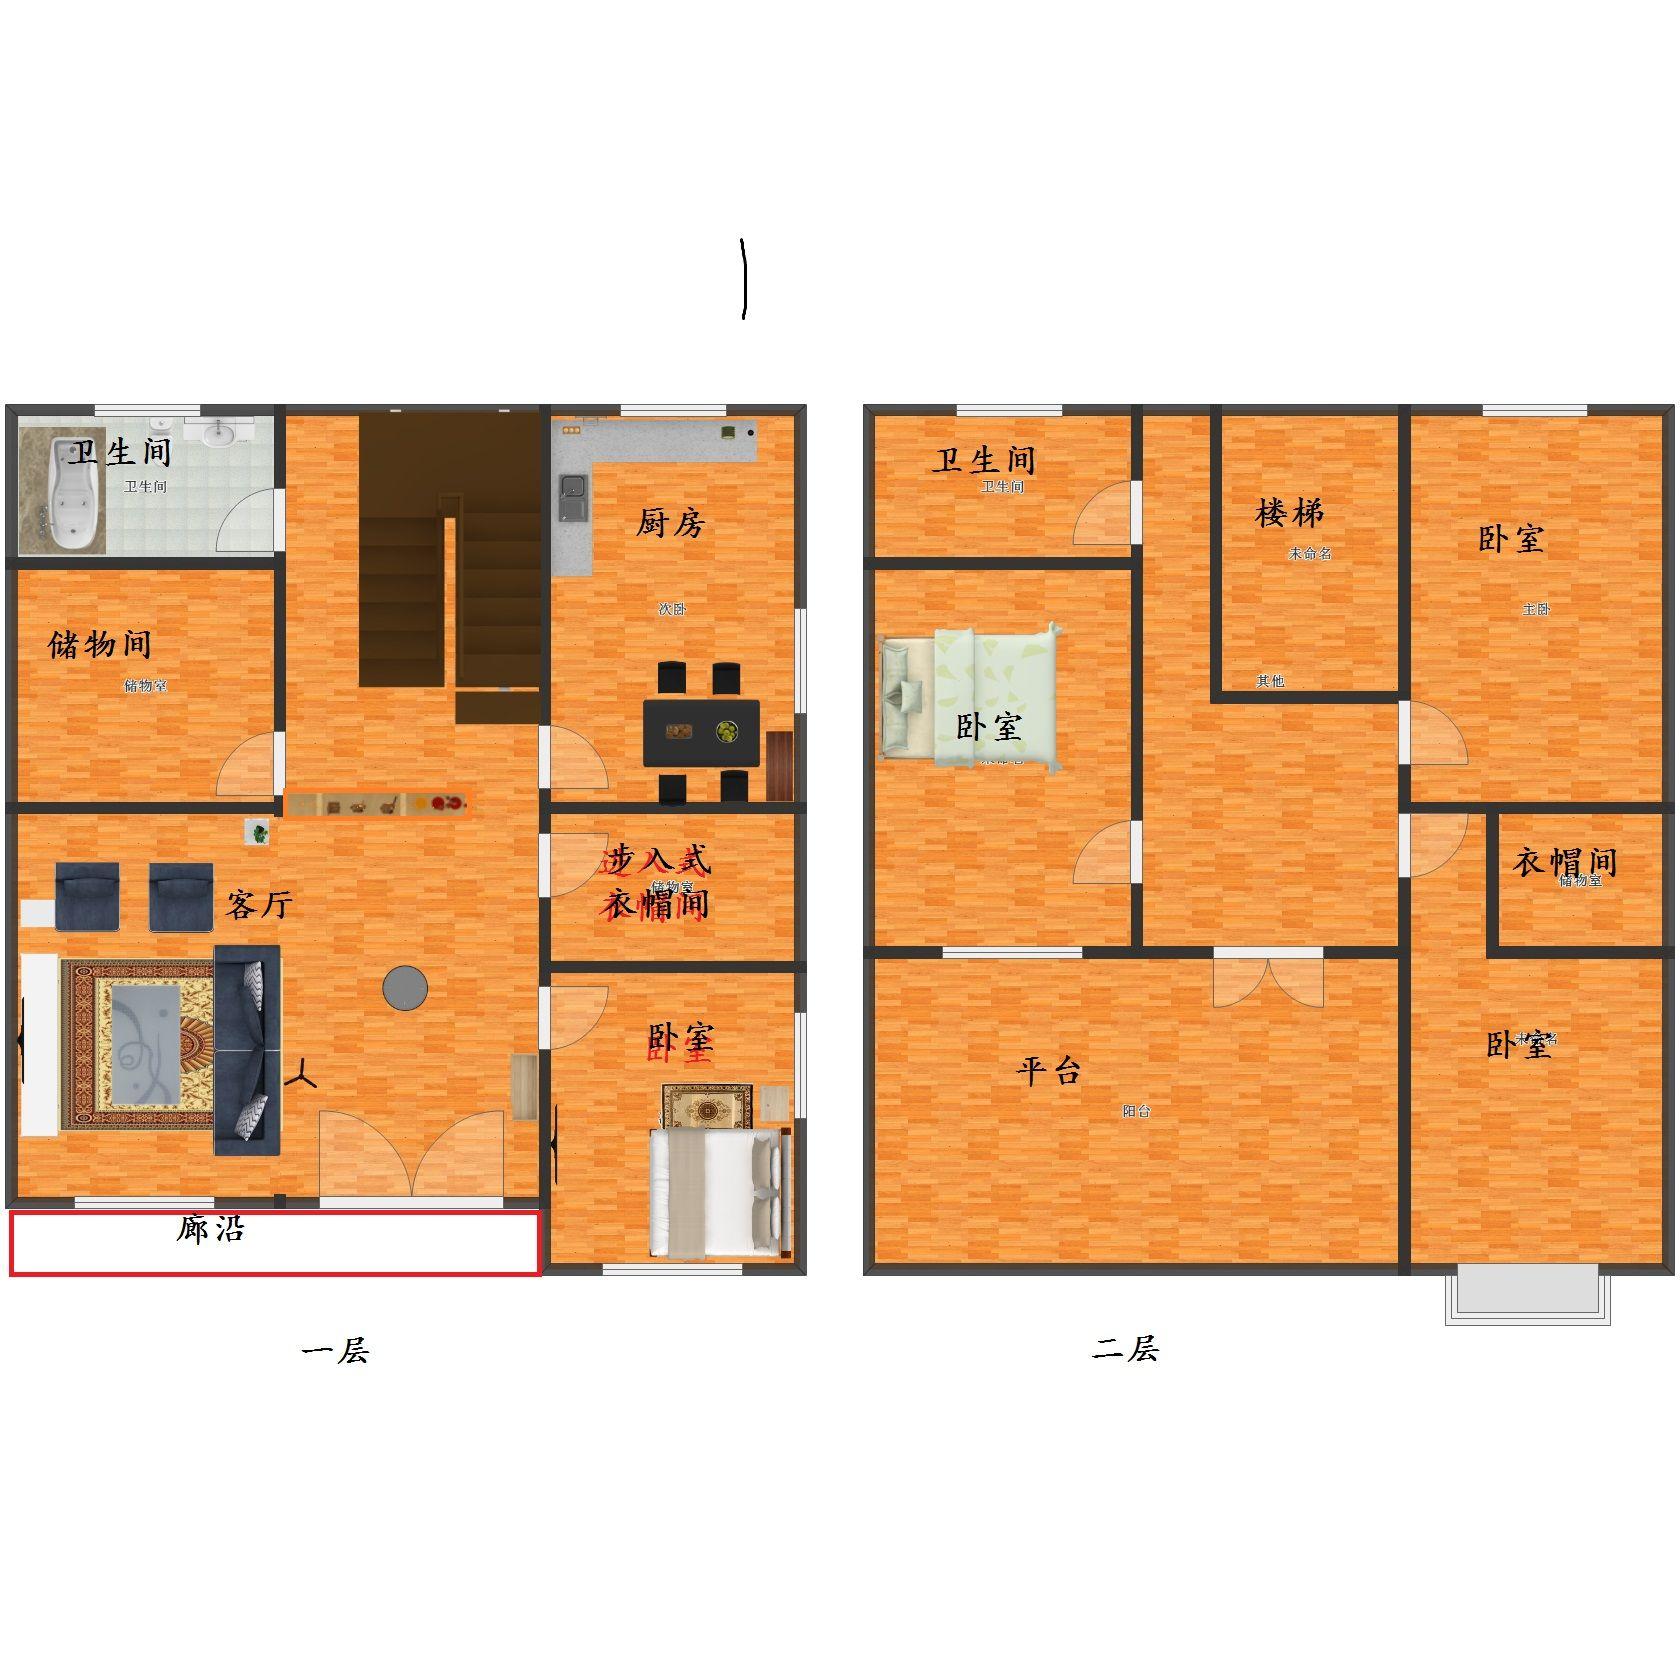 求15万左右农村自建房户型设计图,效果图这么大面积.